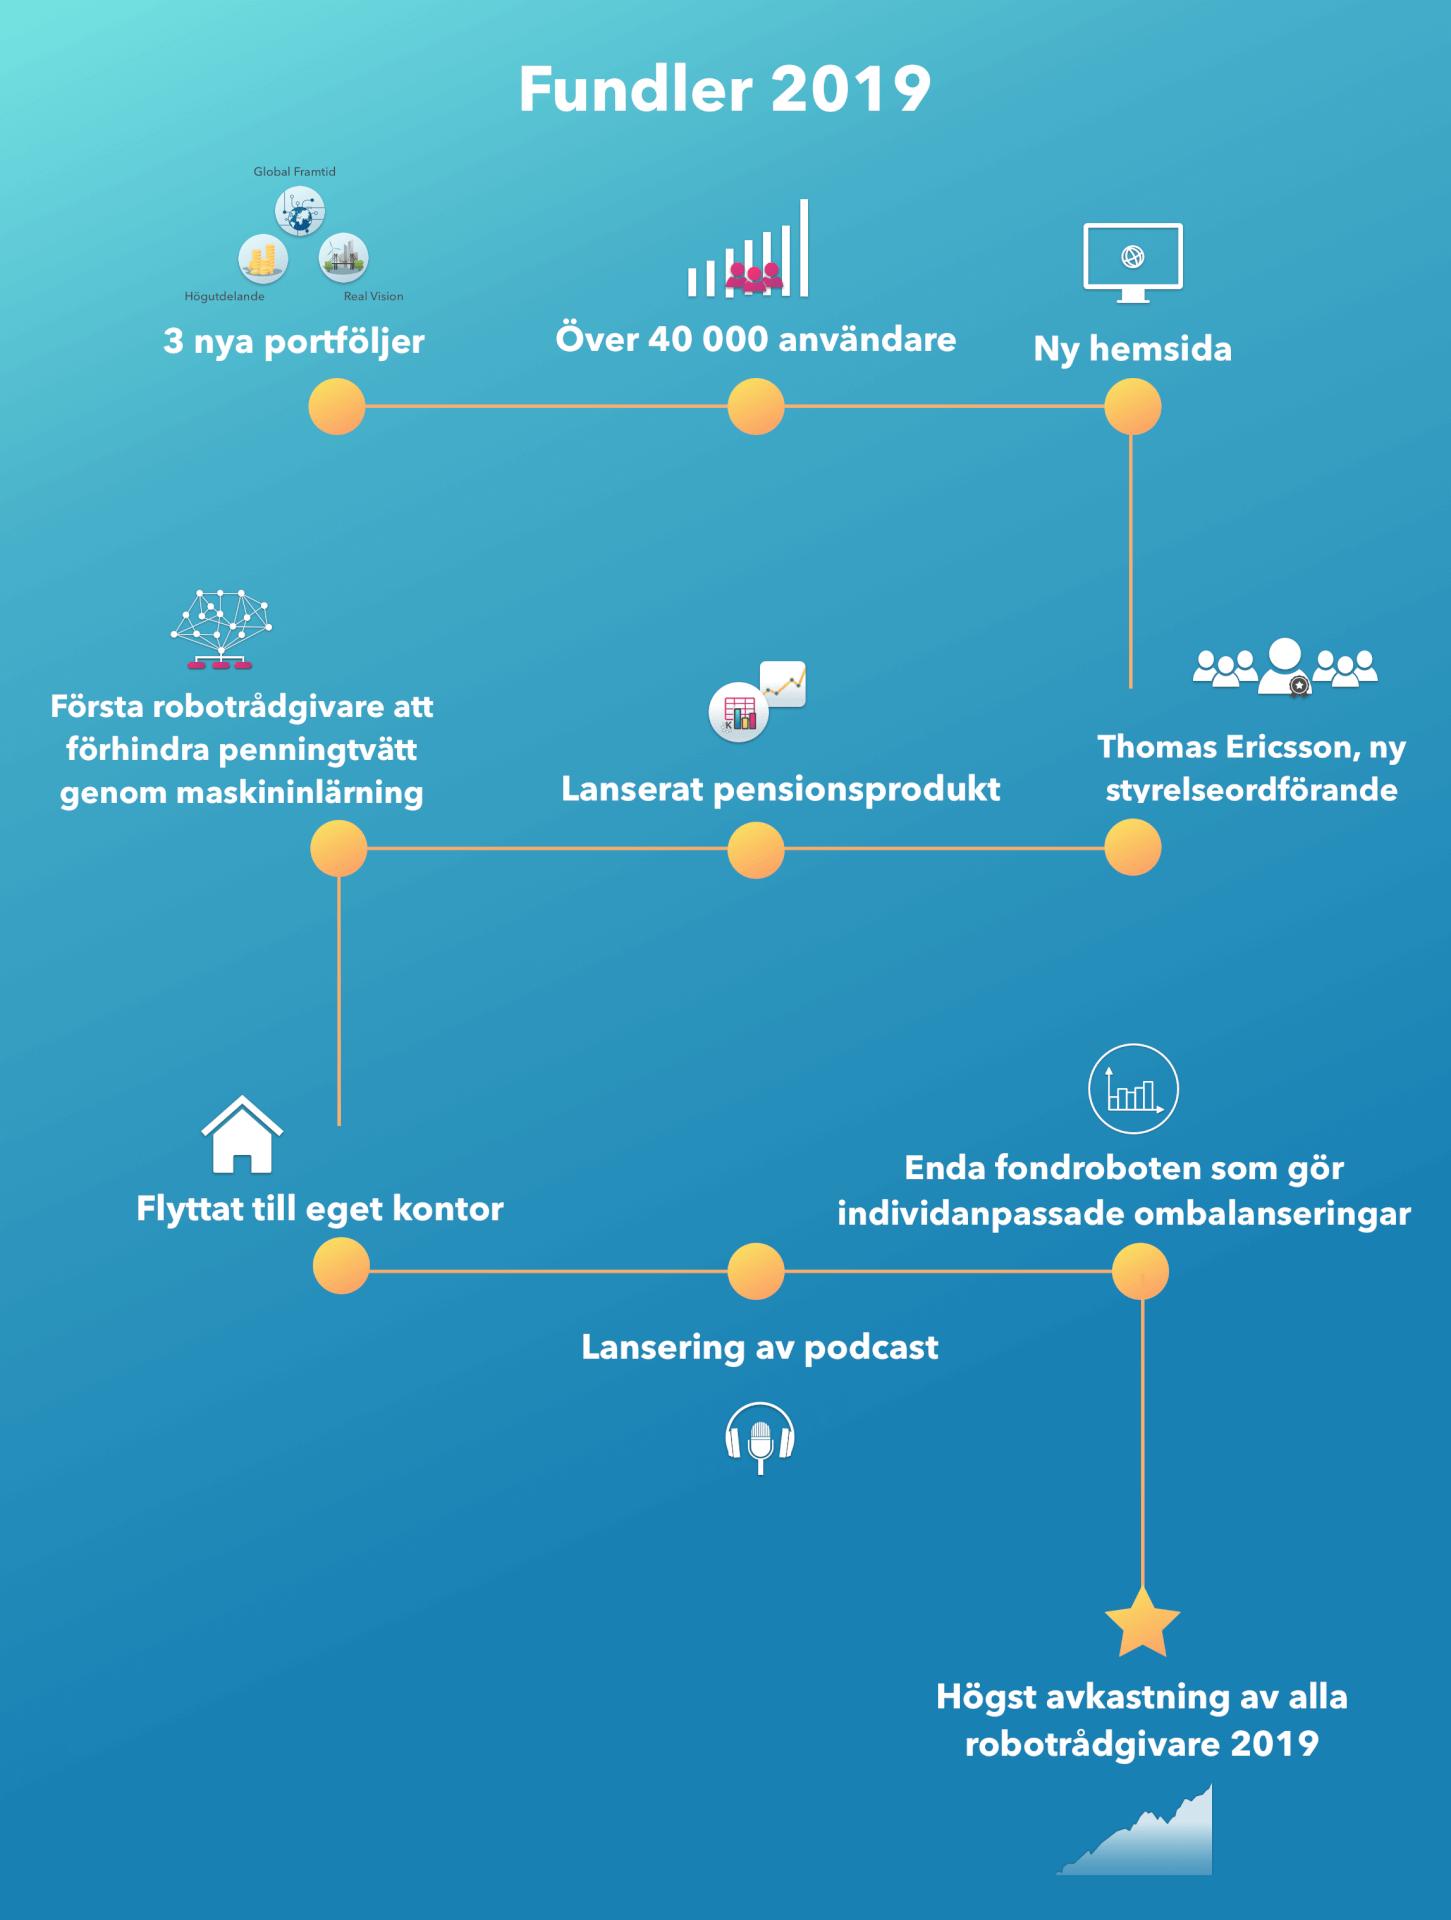 Fundler-year-2019